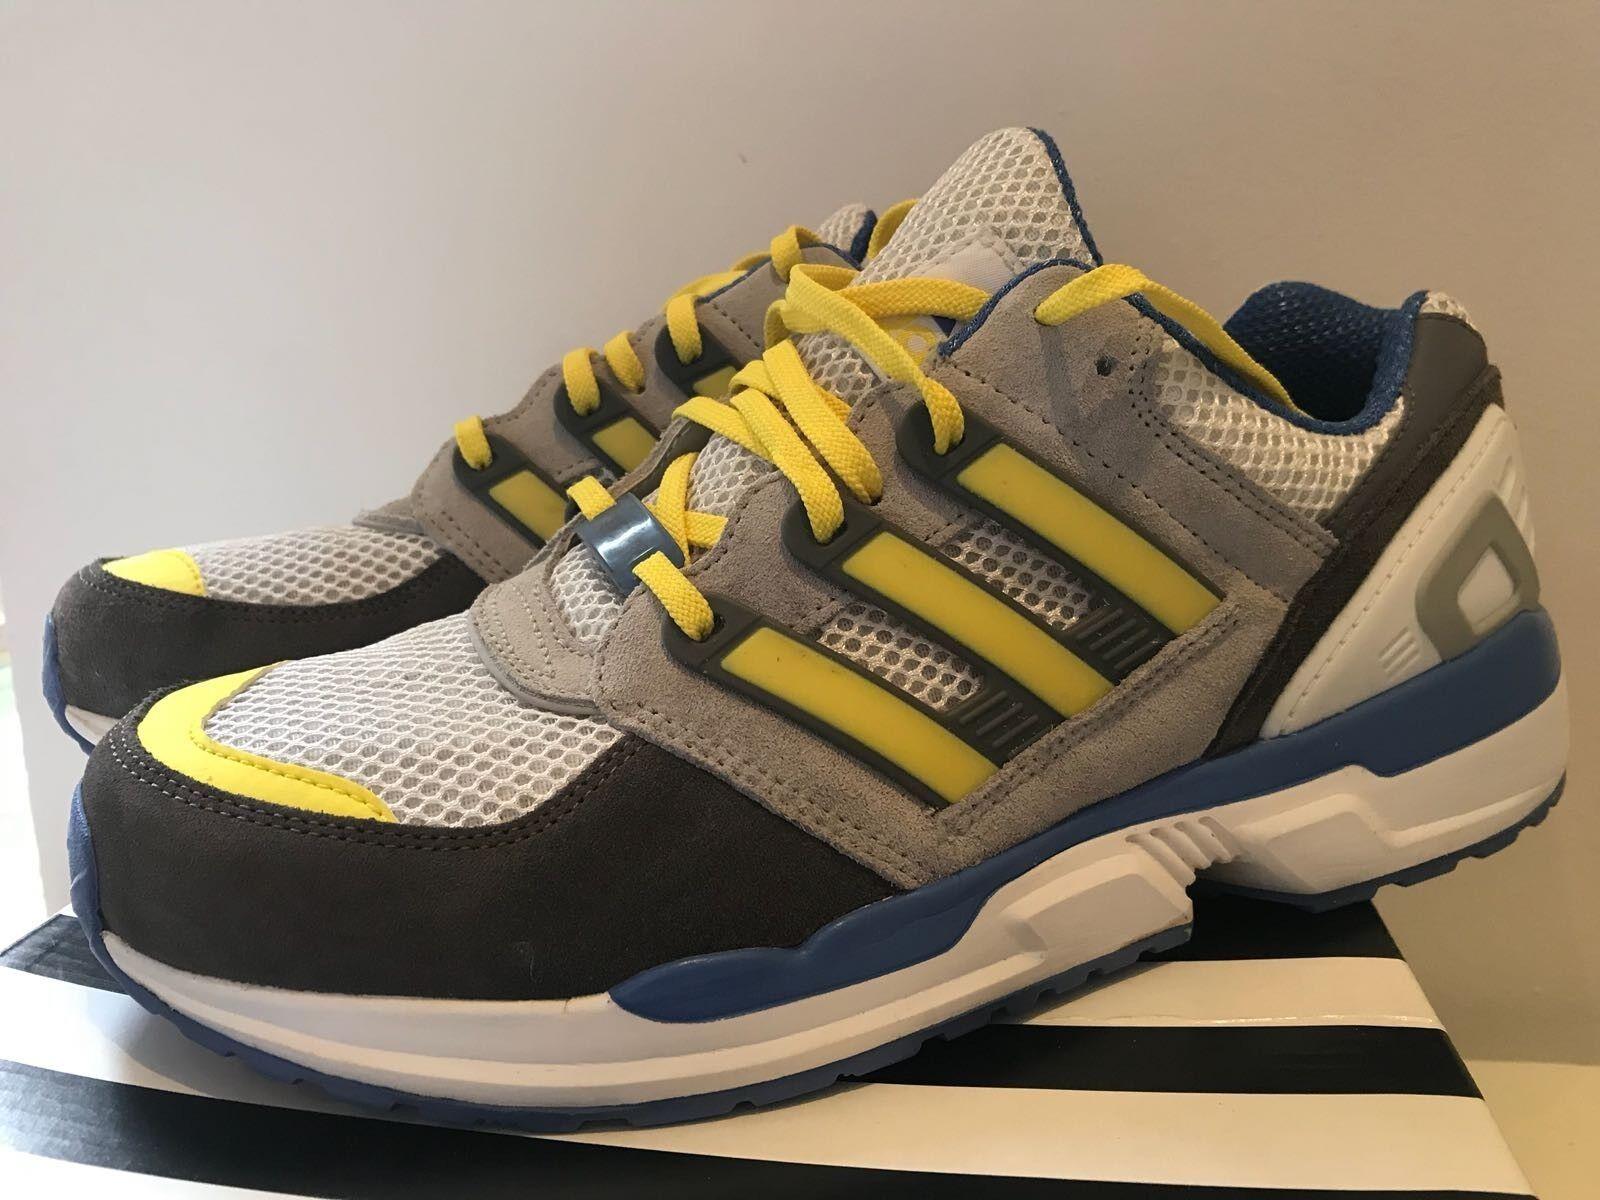 SUPPORTO Adidas EQT in esecuzione